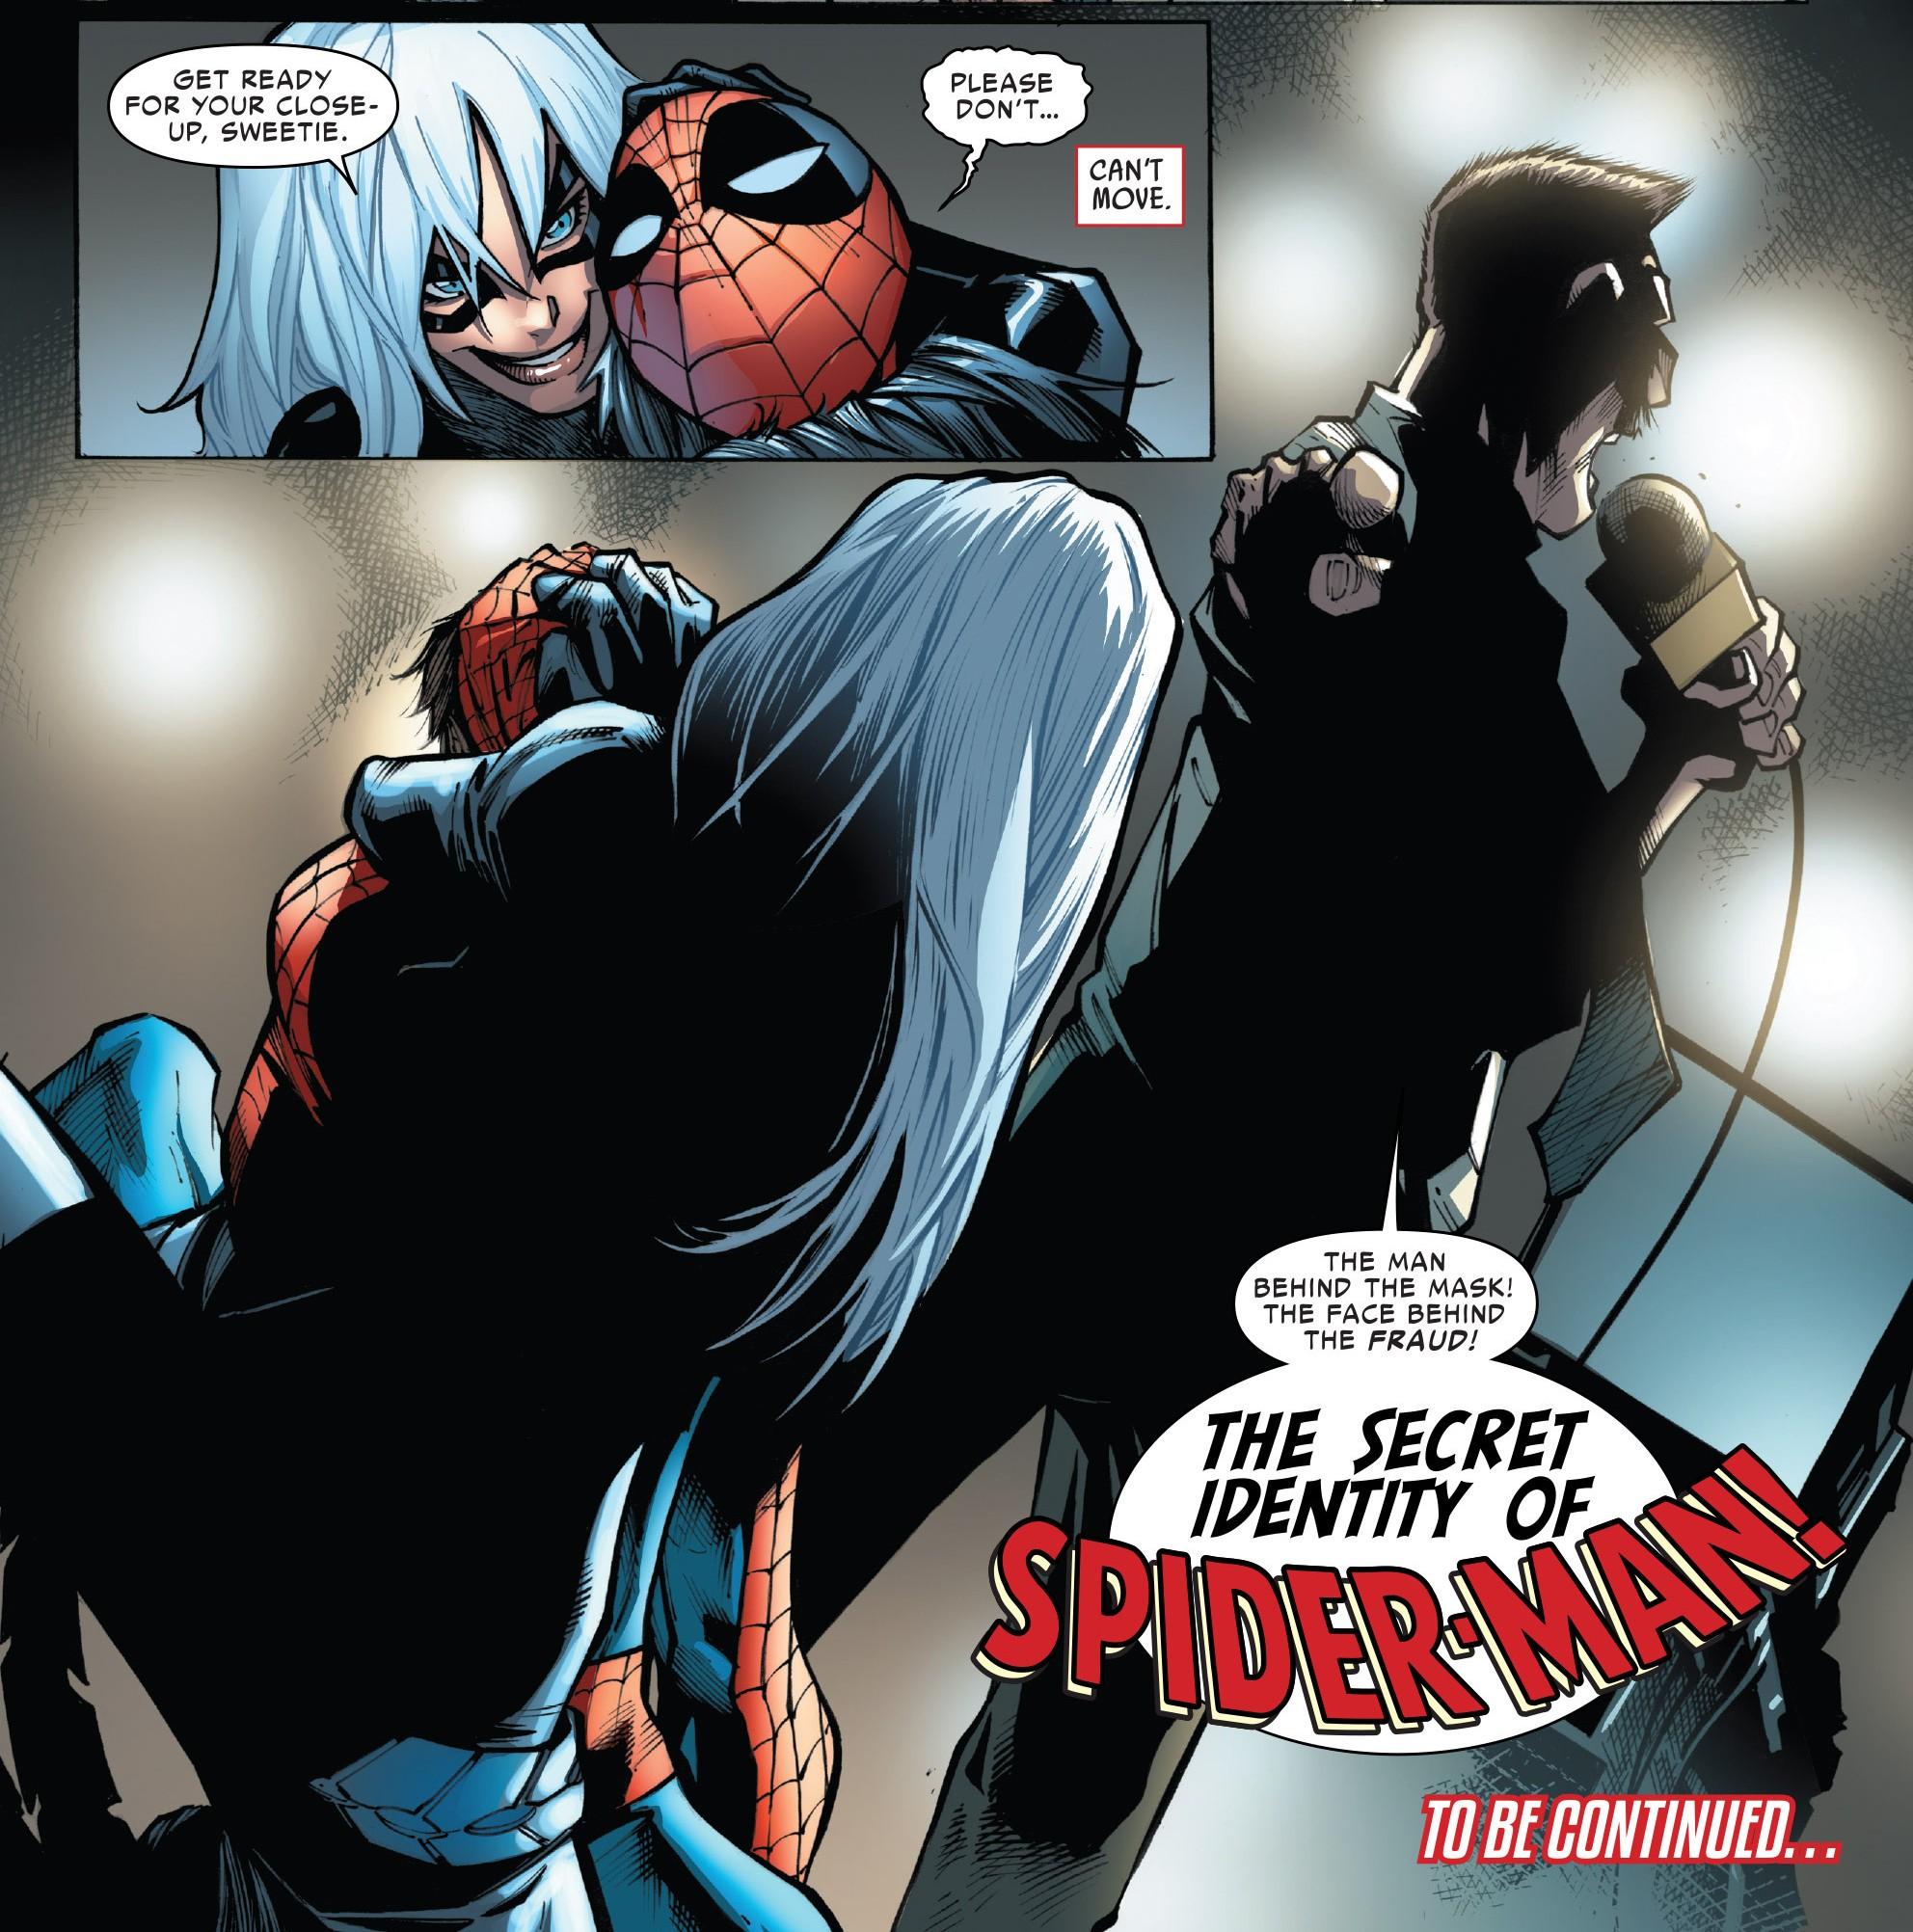 amazing spider-man (2014) #5 review: stillanerd's take – spider man